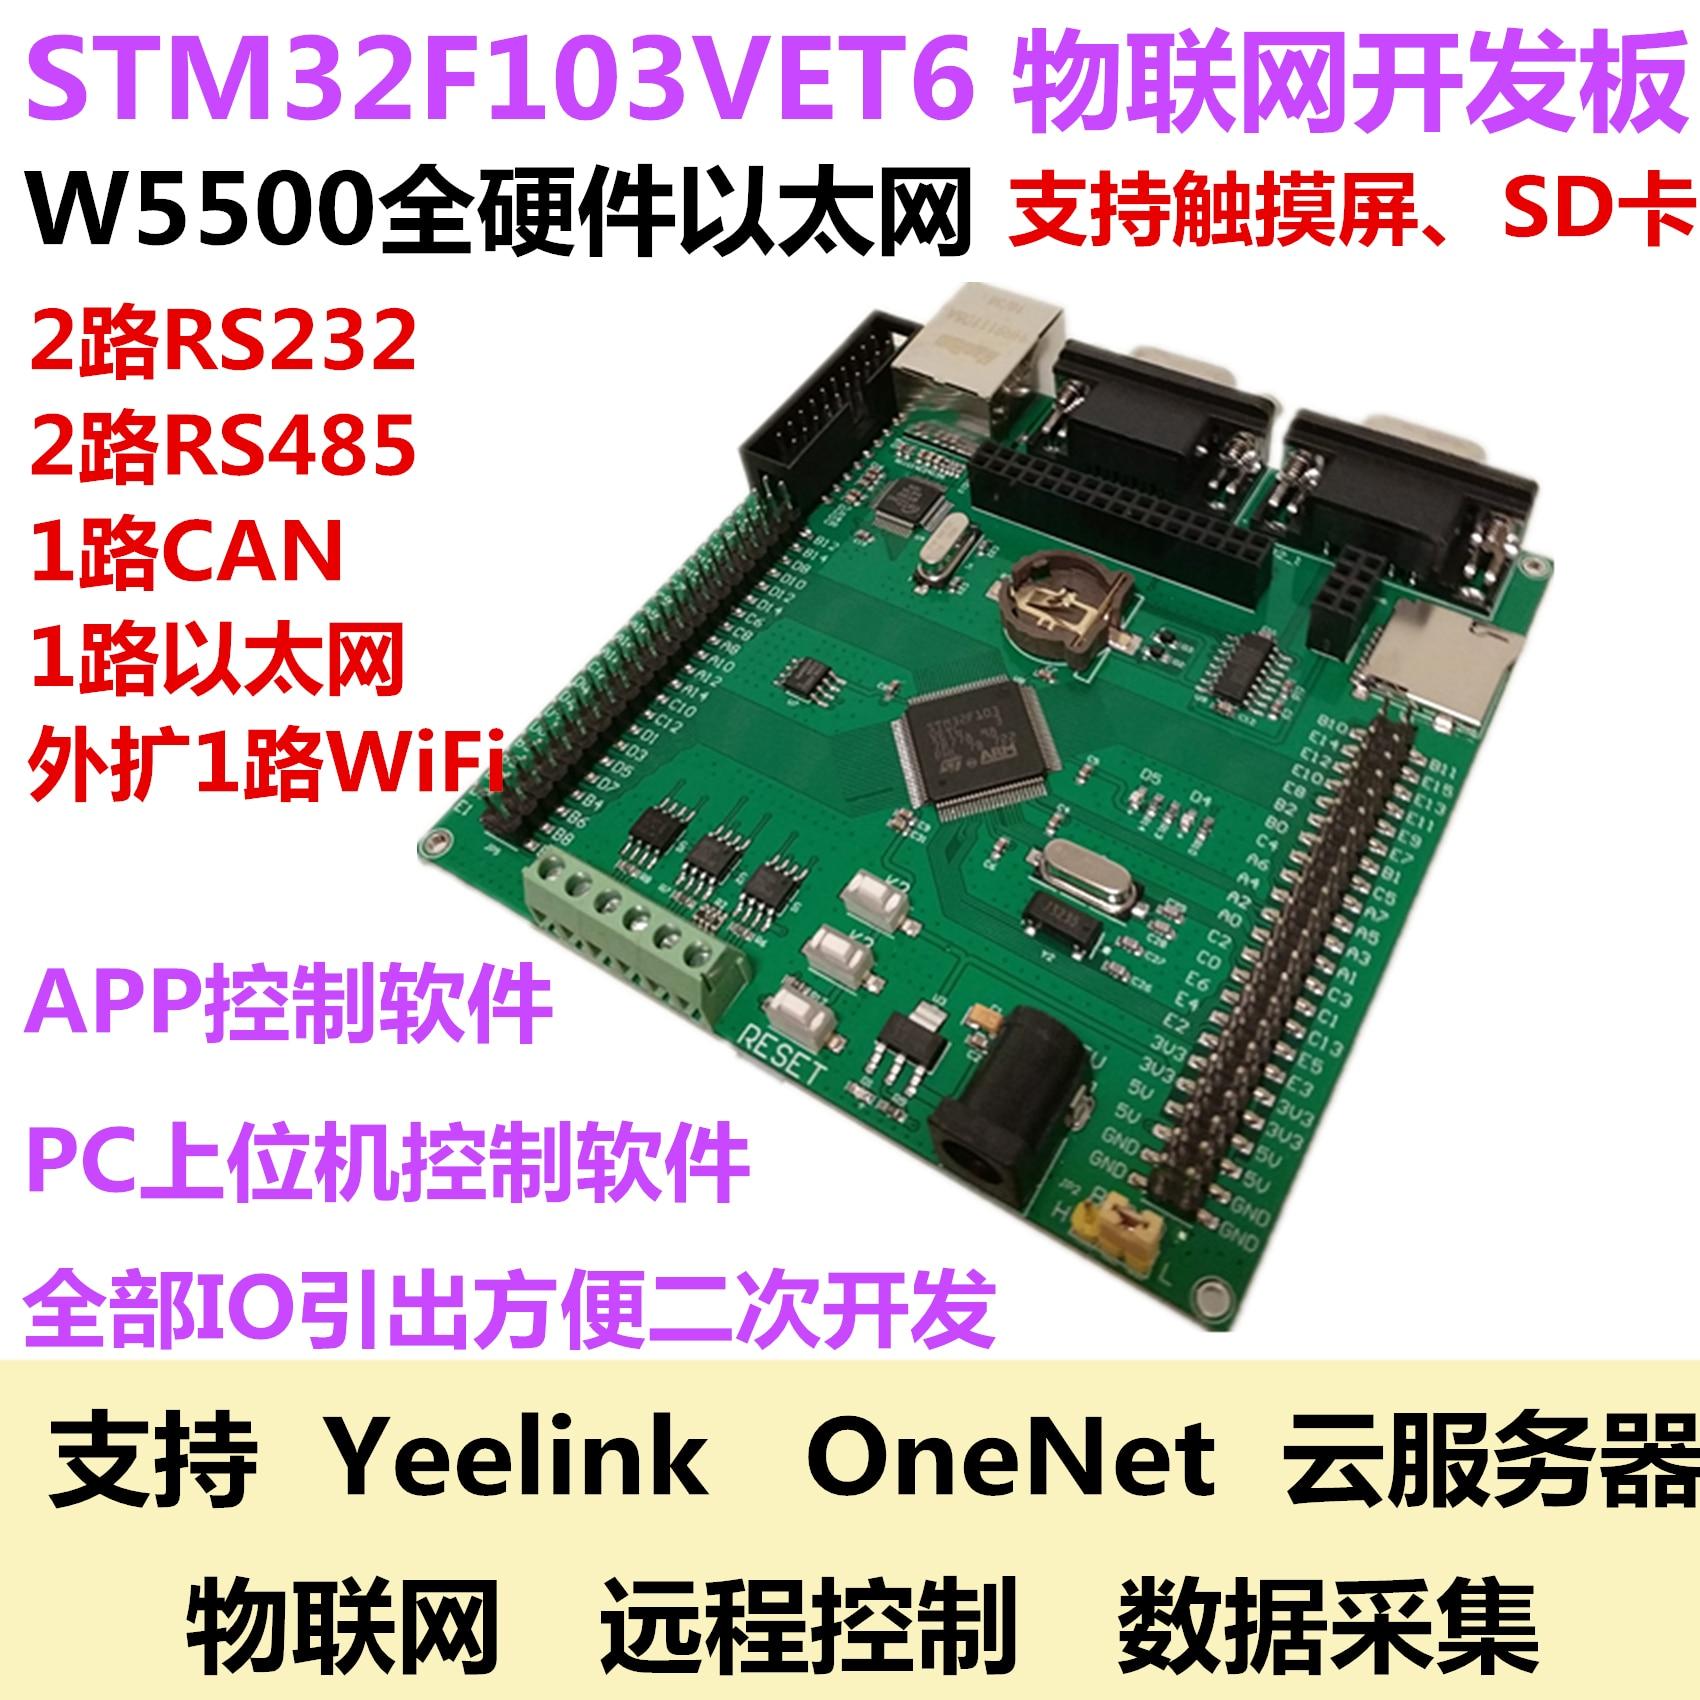 Internet of things STM32 f103vet6 W5500 Ethernet network esp8266 WiFi development board w5500 development board the ethernet module ethernet development board